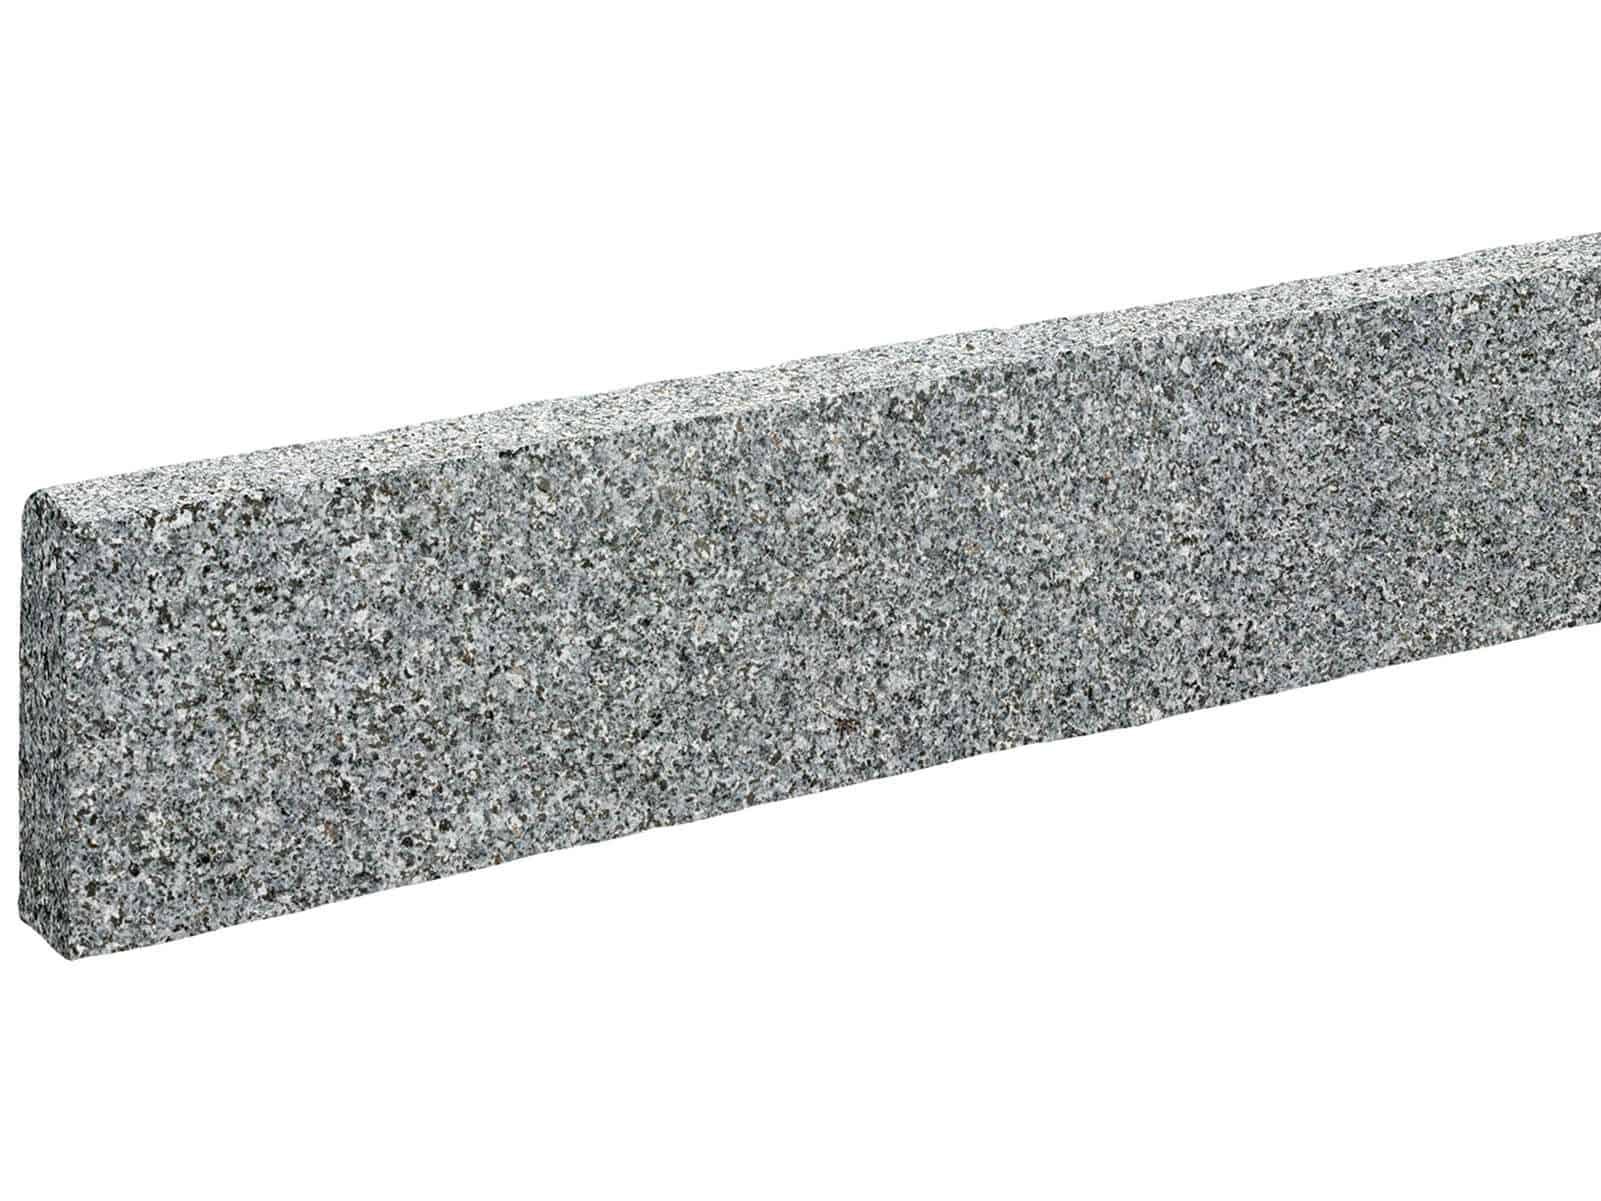 Randstein edel Granit Kristall antrhrazit gesägt geflammt